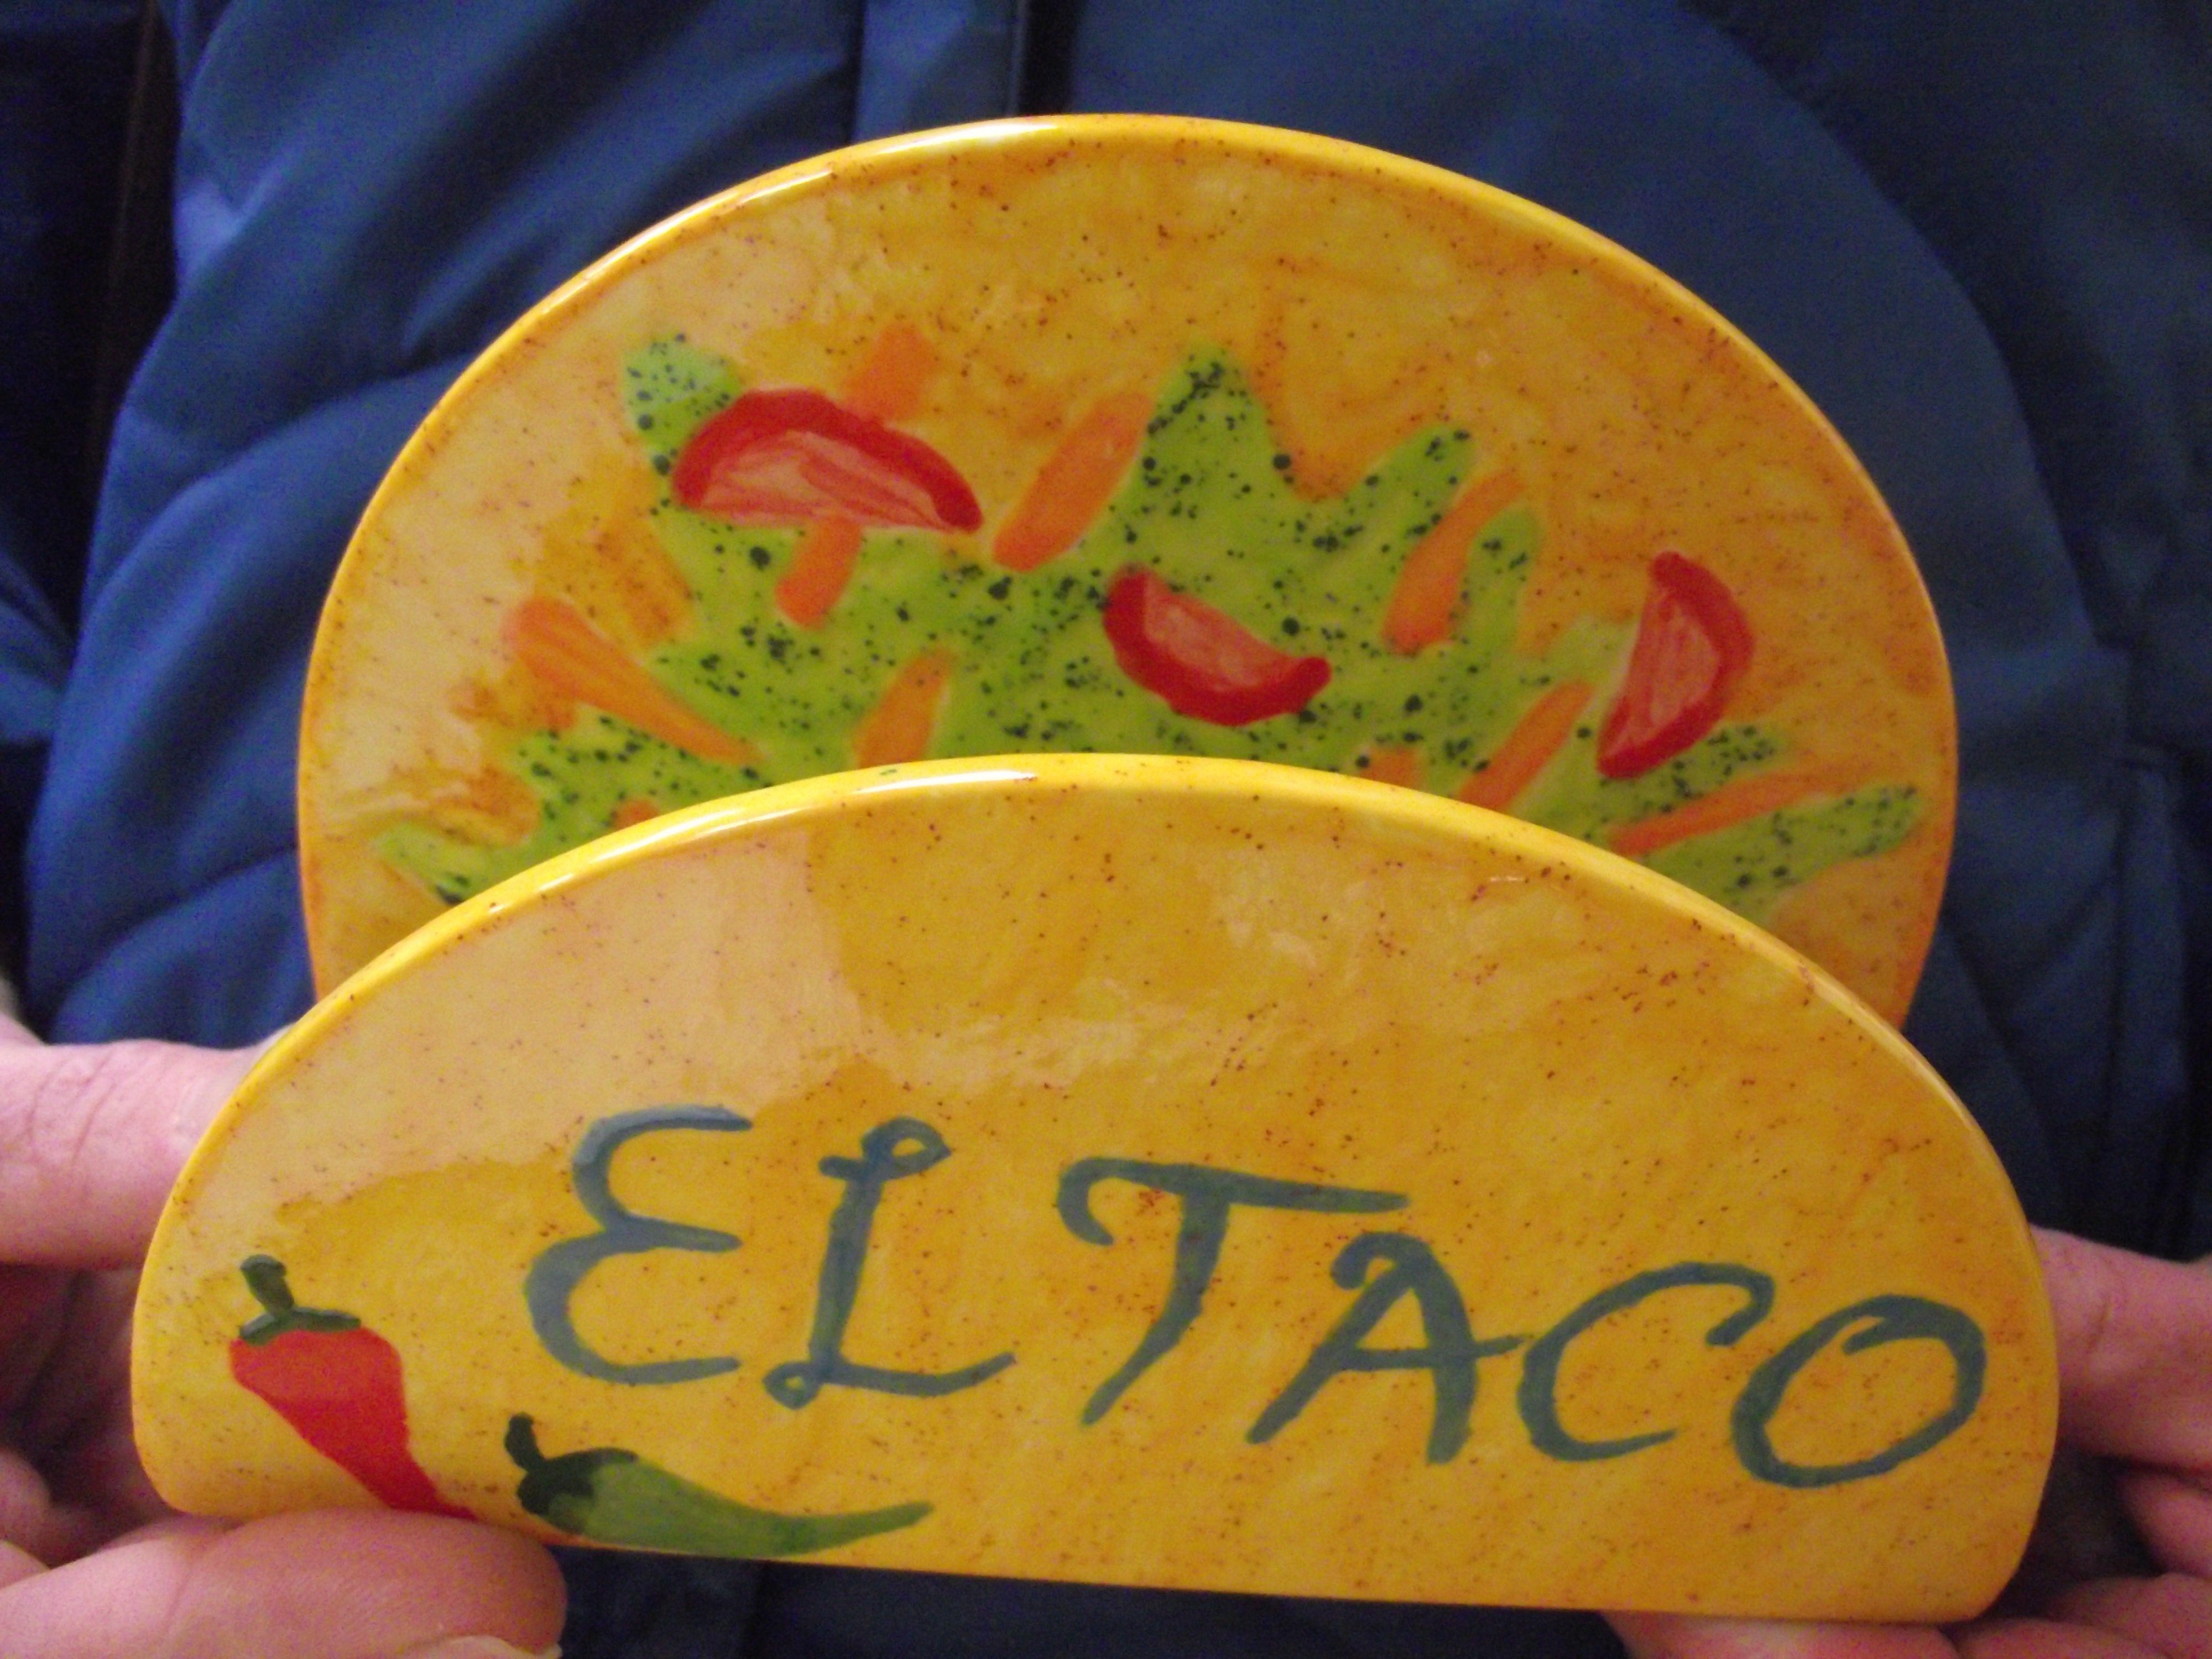 Napkin holder or Taco holder? You decide. & Napkin holder or Taco holder? You decide. | Fiesta Mexicana ...